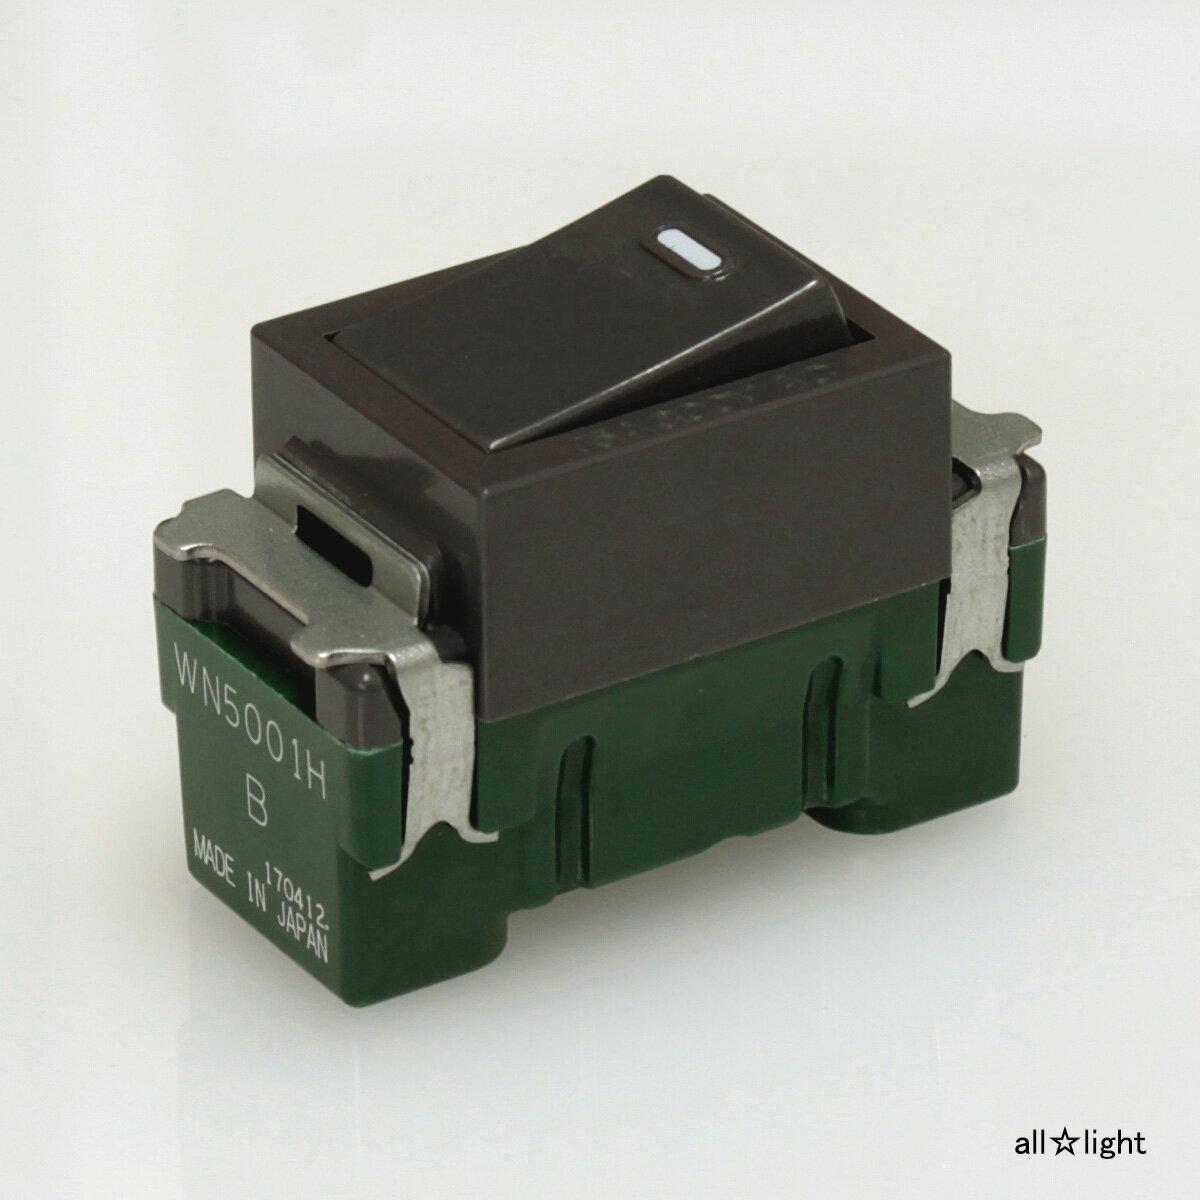 ☆パナソニック フルカラースイッチ 埋込スイッチB(片切) 15A 300V グレー WN5001H